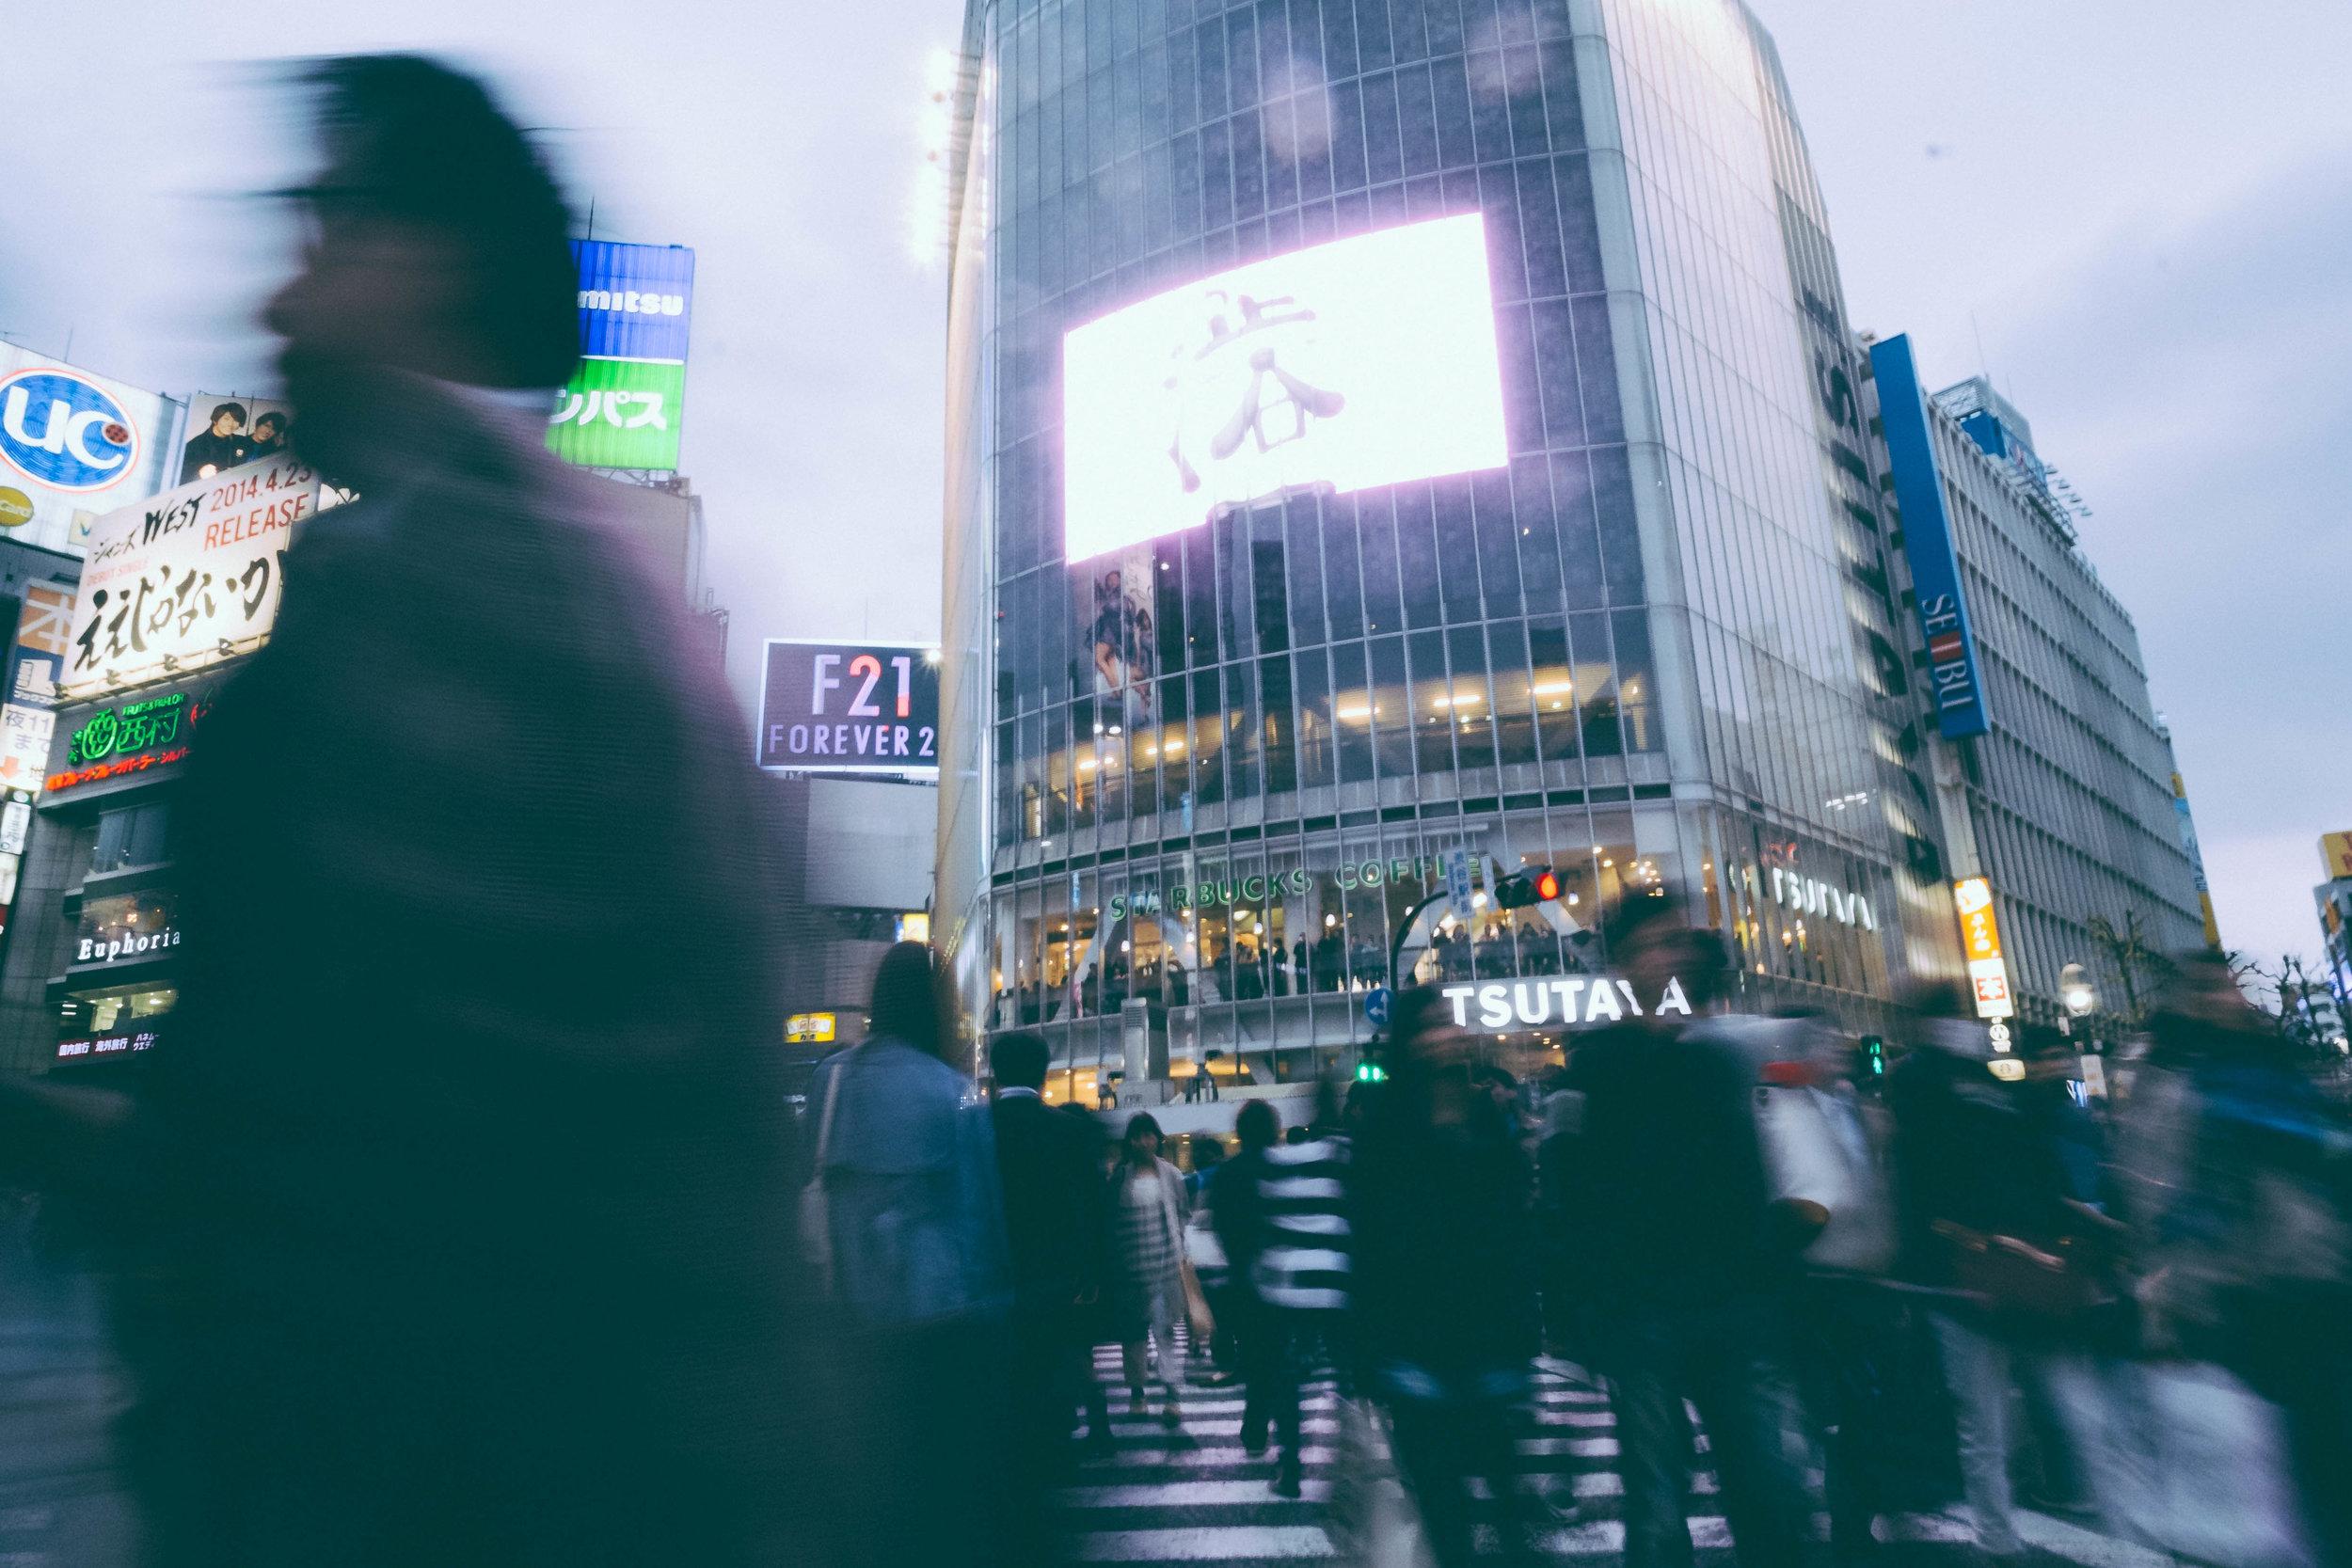 Crowds crossing at Shibuya, Tokyo.